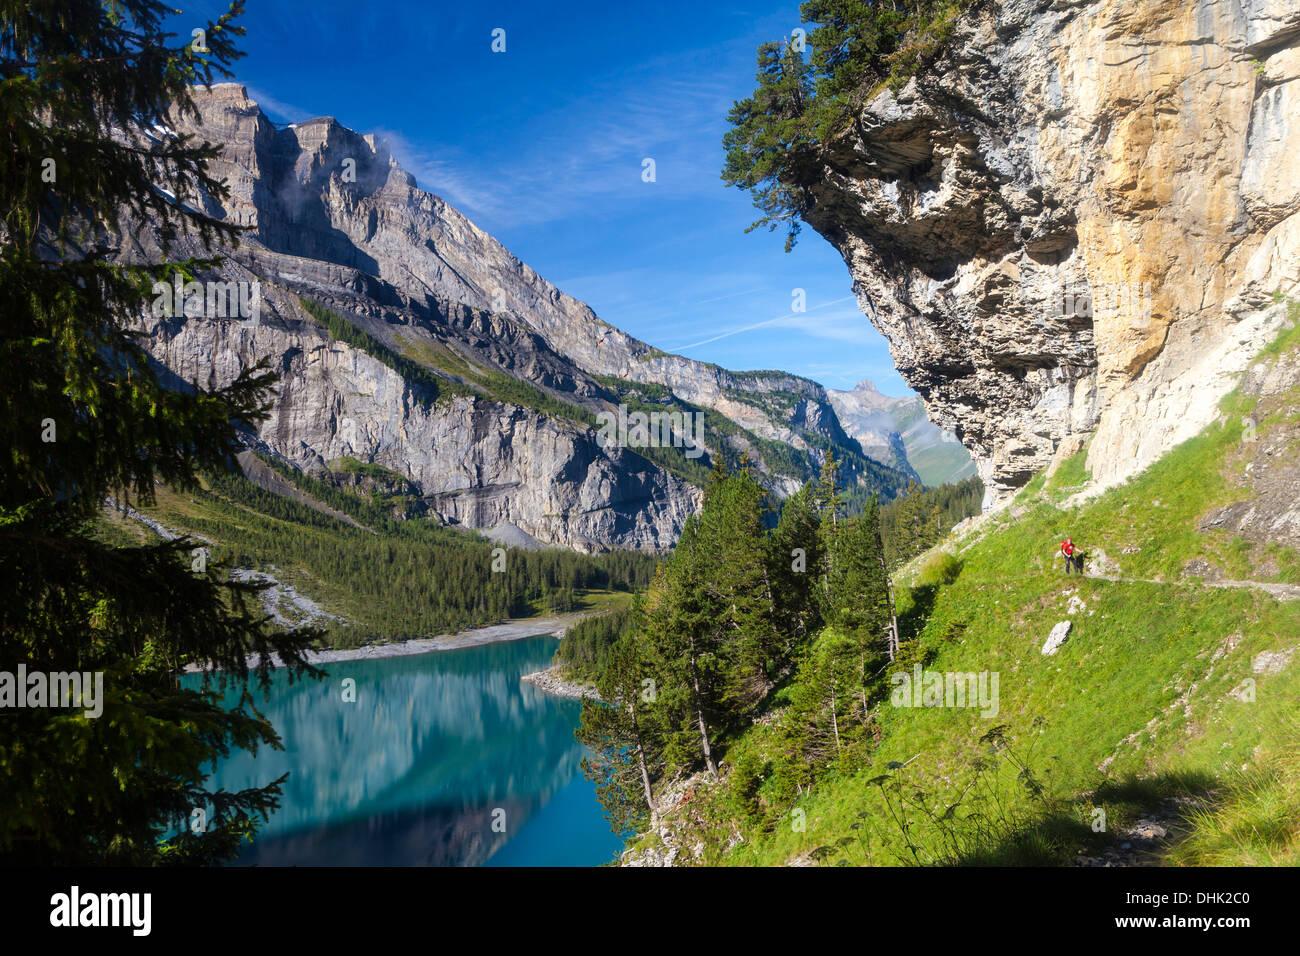 A man hiking at lake Oeschinen, Bernese Oberland, Canton of Bern, Switzerland - Stock Image